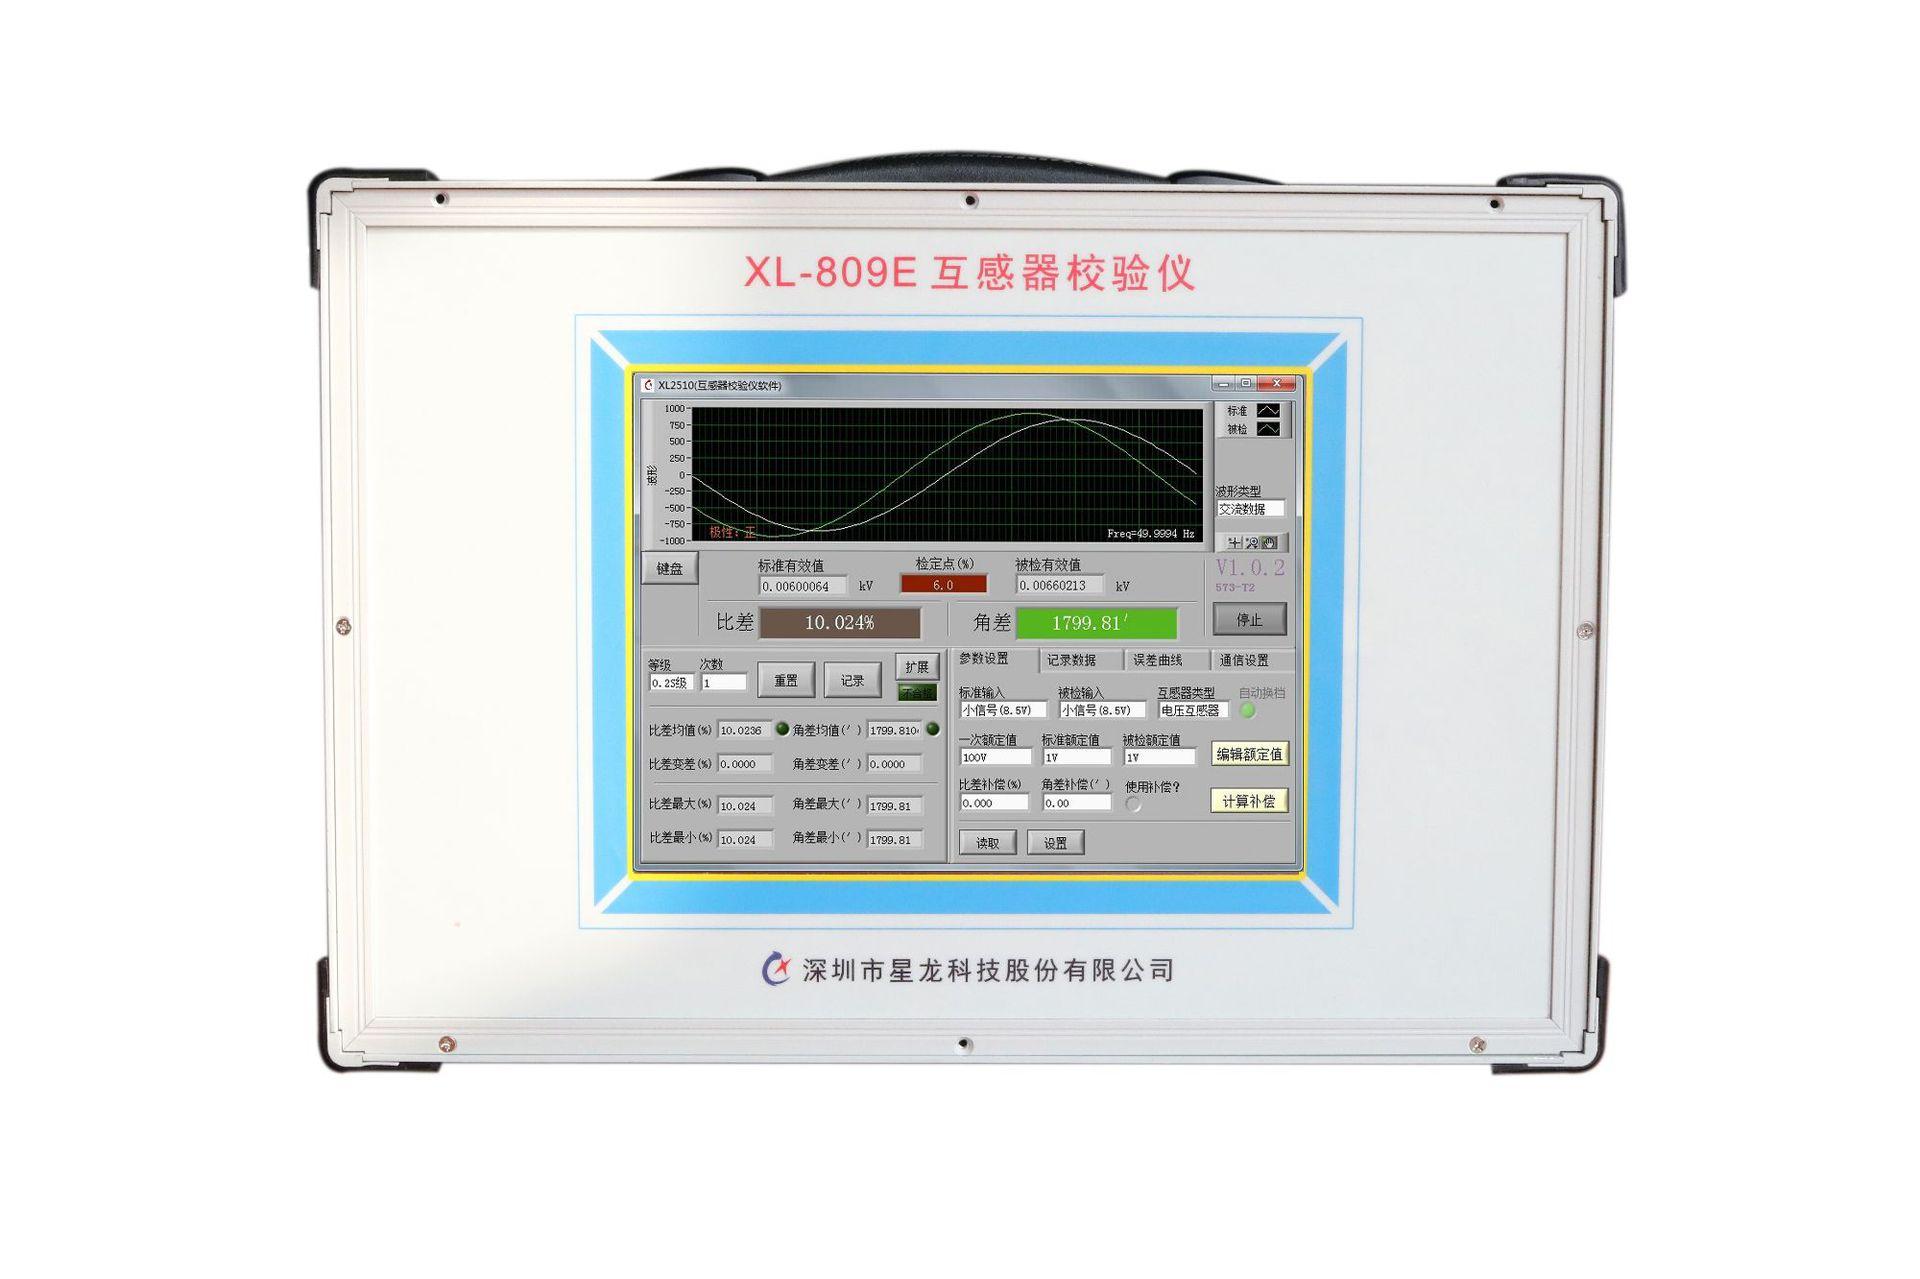 XL-809E互感器校验仪、互感器现场校验装置、互感器校验仪厂家